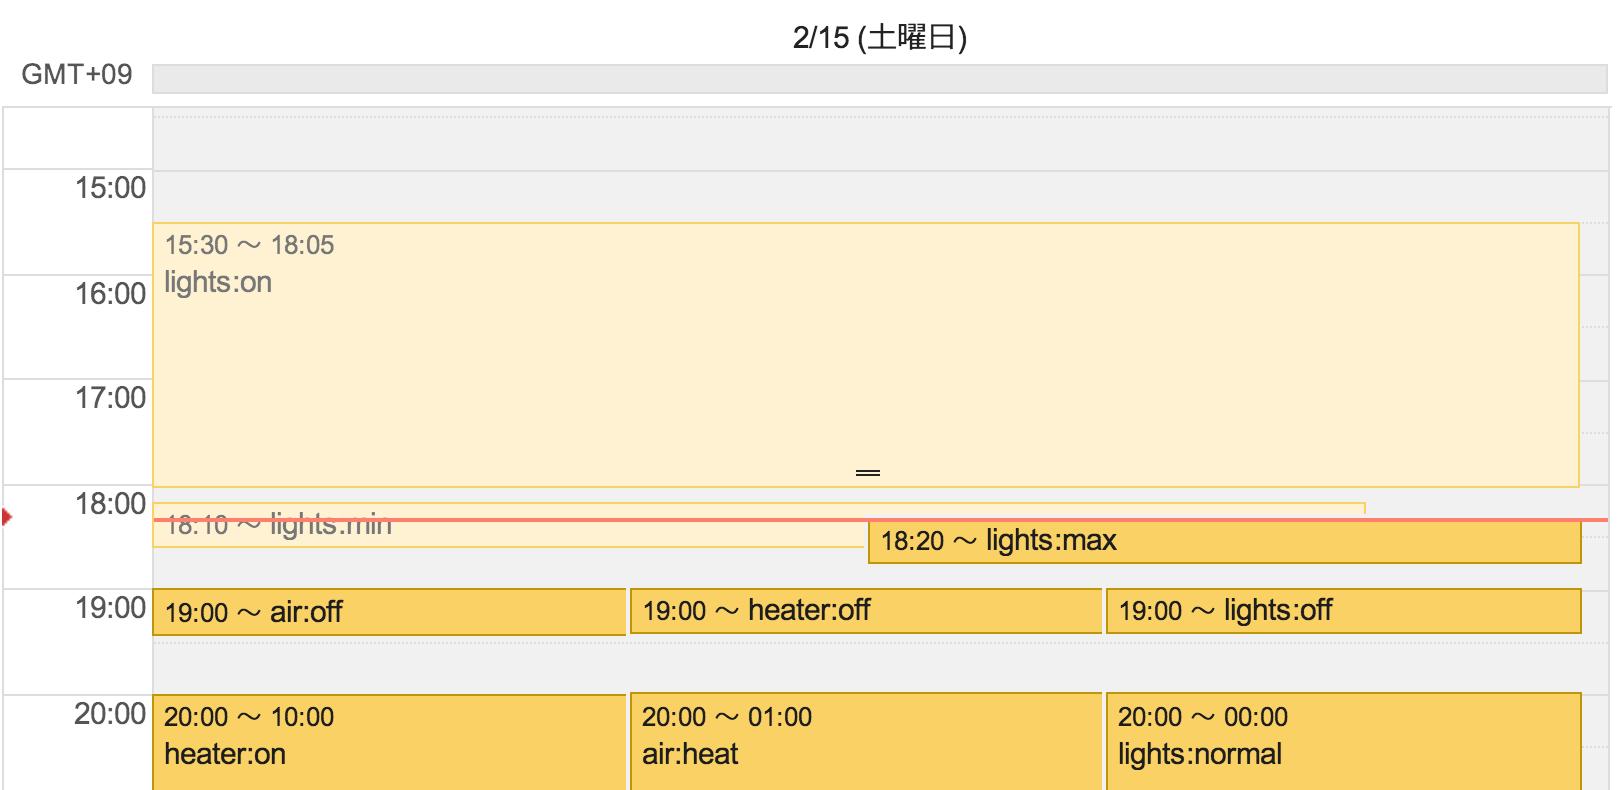 ss 2014-02-15 at 18 21 55